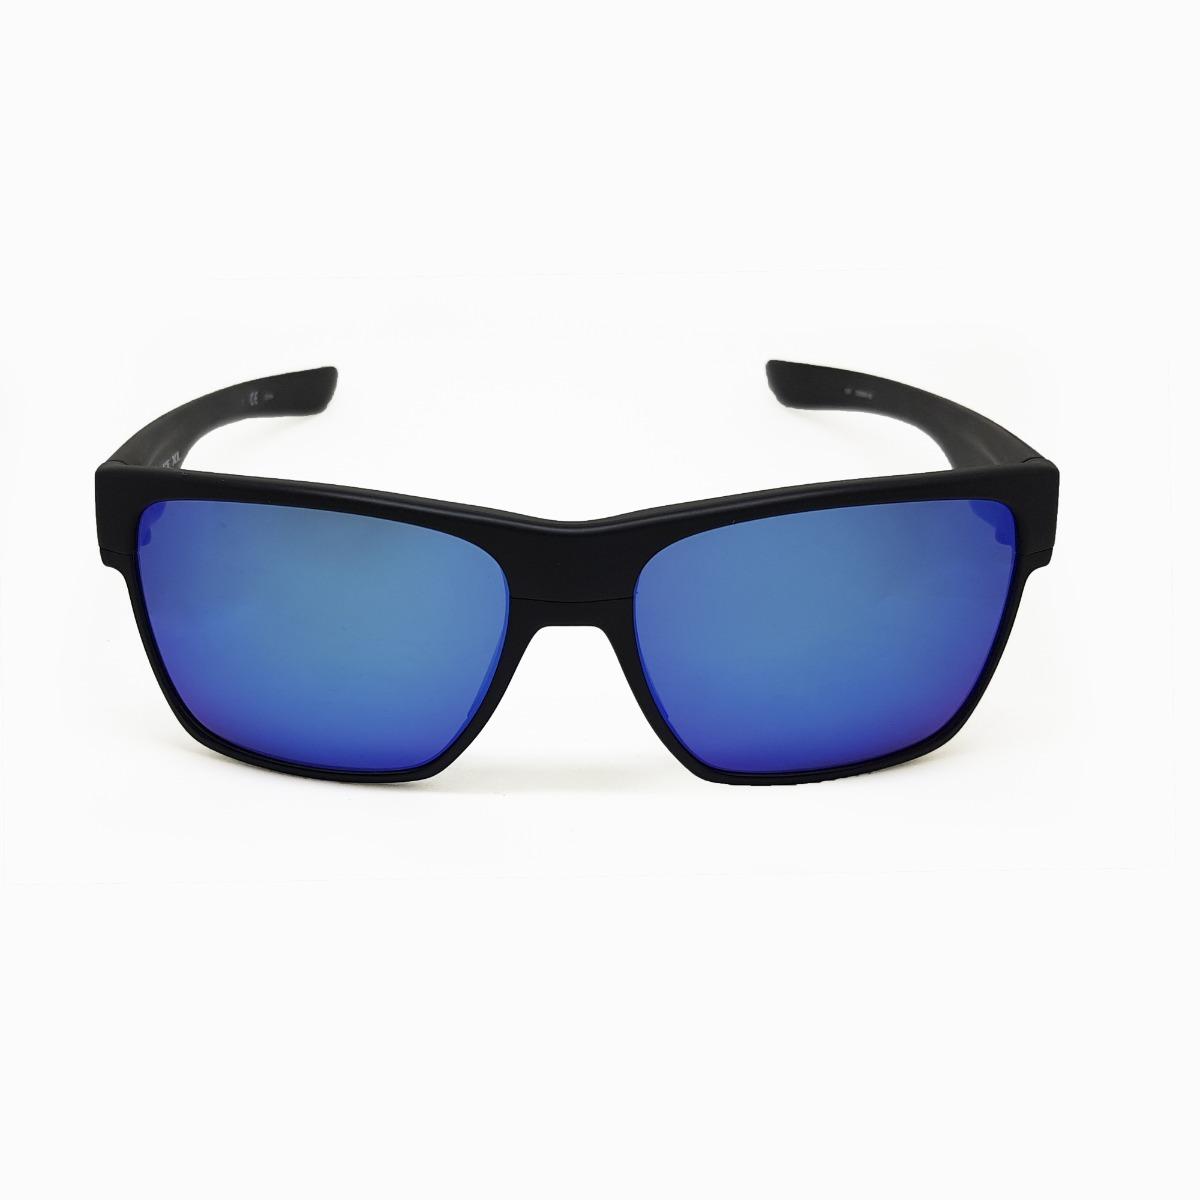 32f5742cf967d oculos oakley twoface xl polarizado oo9350 05 original. Carregando zoom.